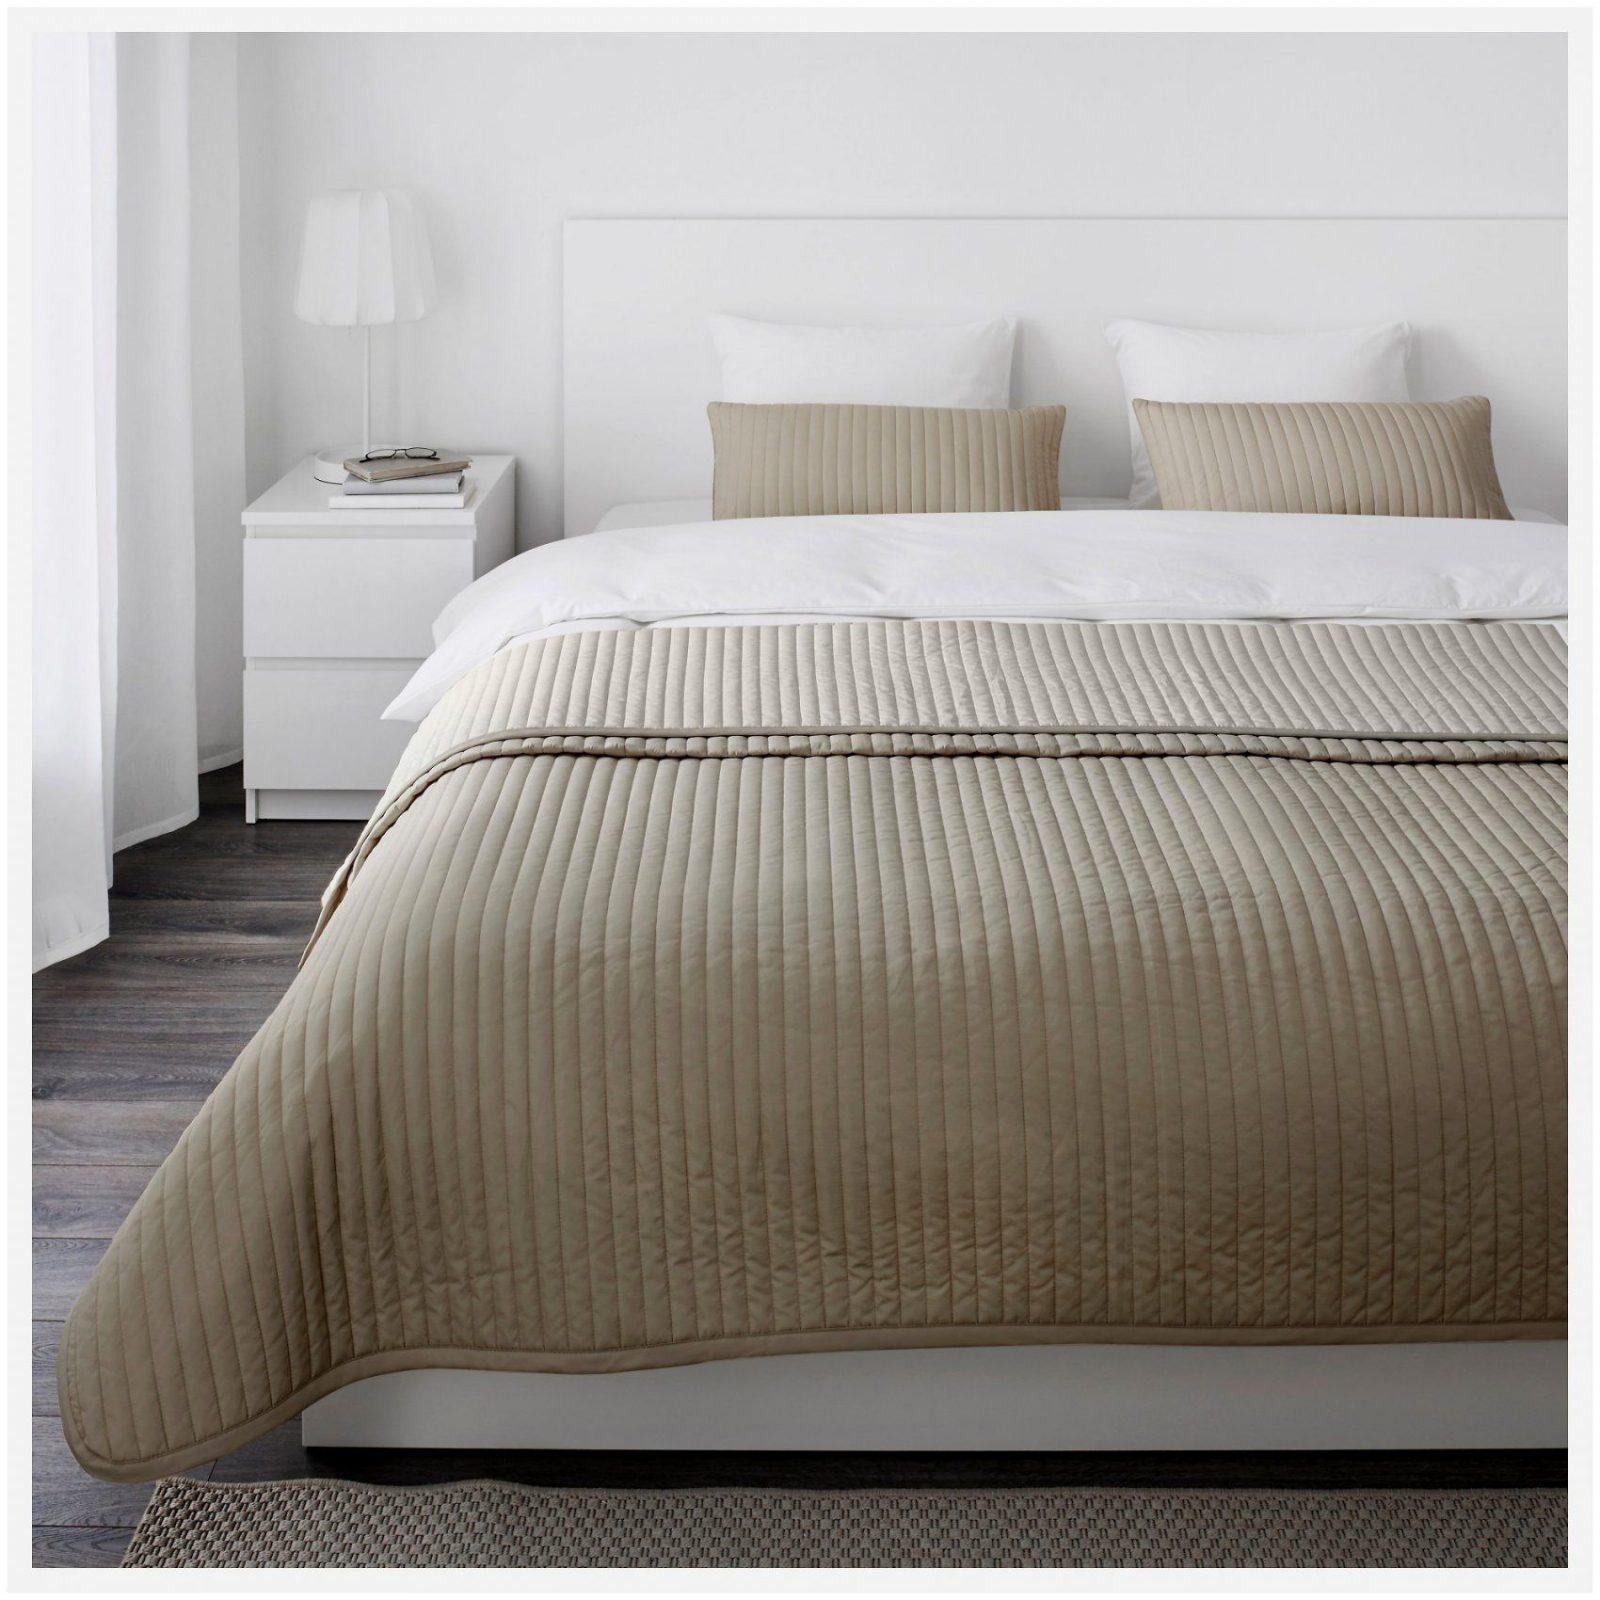 Beste Bettüberwurf Tagesdecke Galerie Der Bett Accessoires 324120 von Tagesdecke Für Bett 200X200 Bild